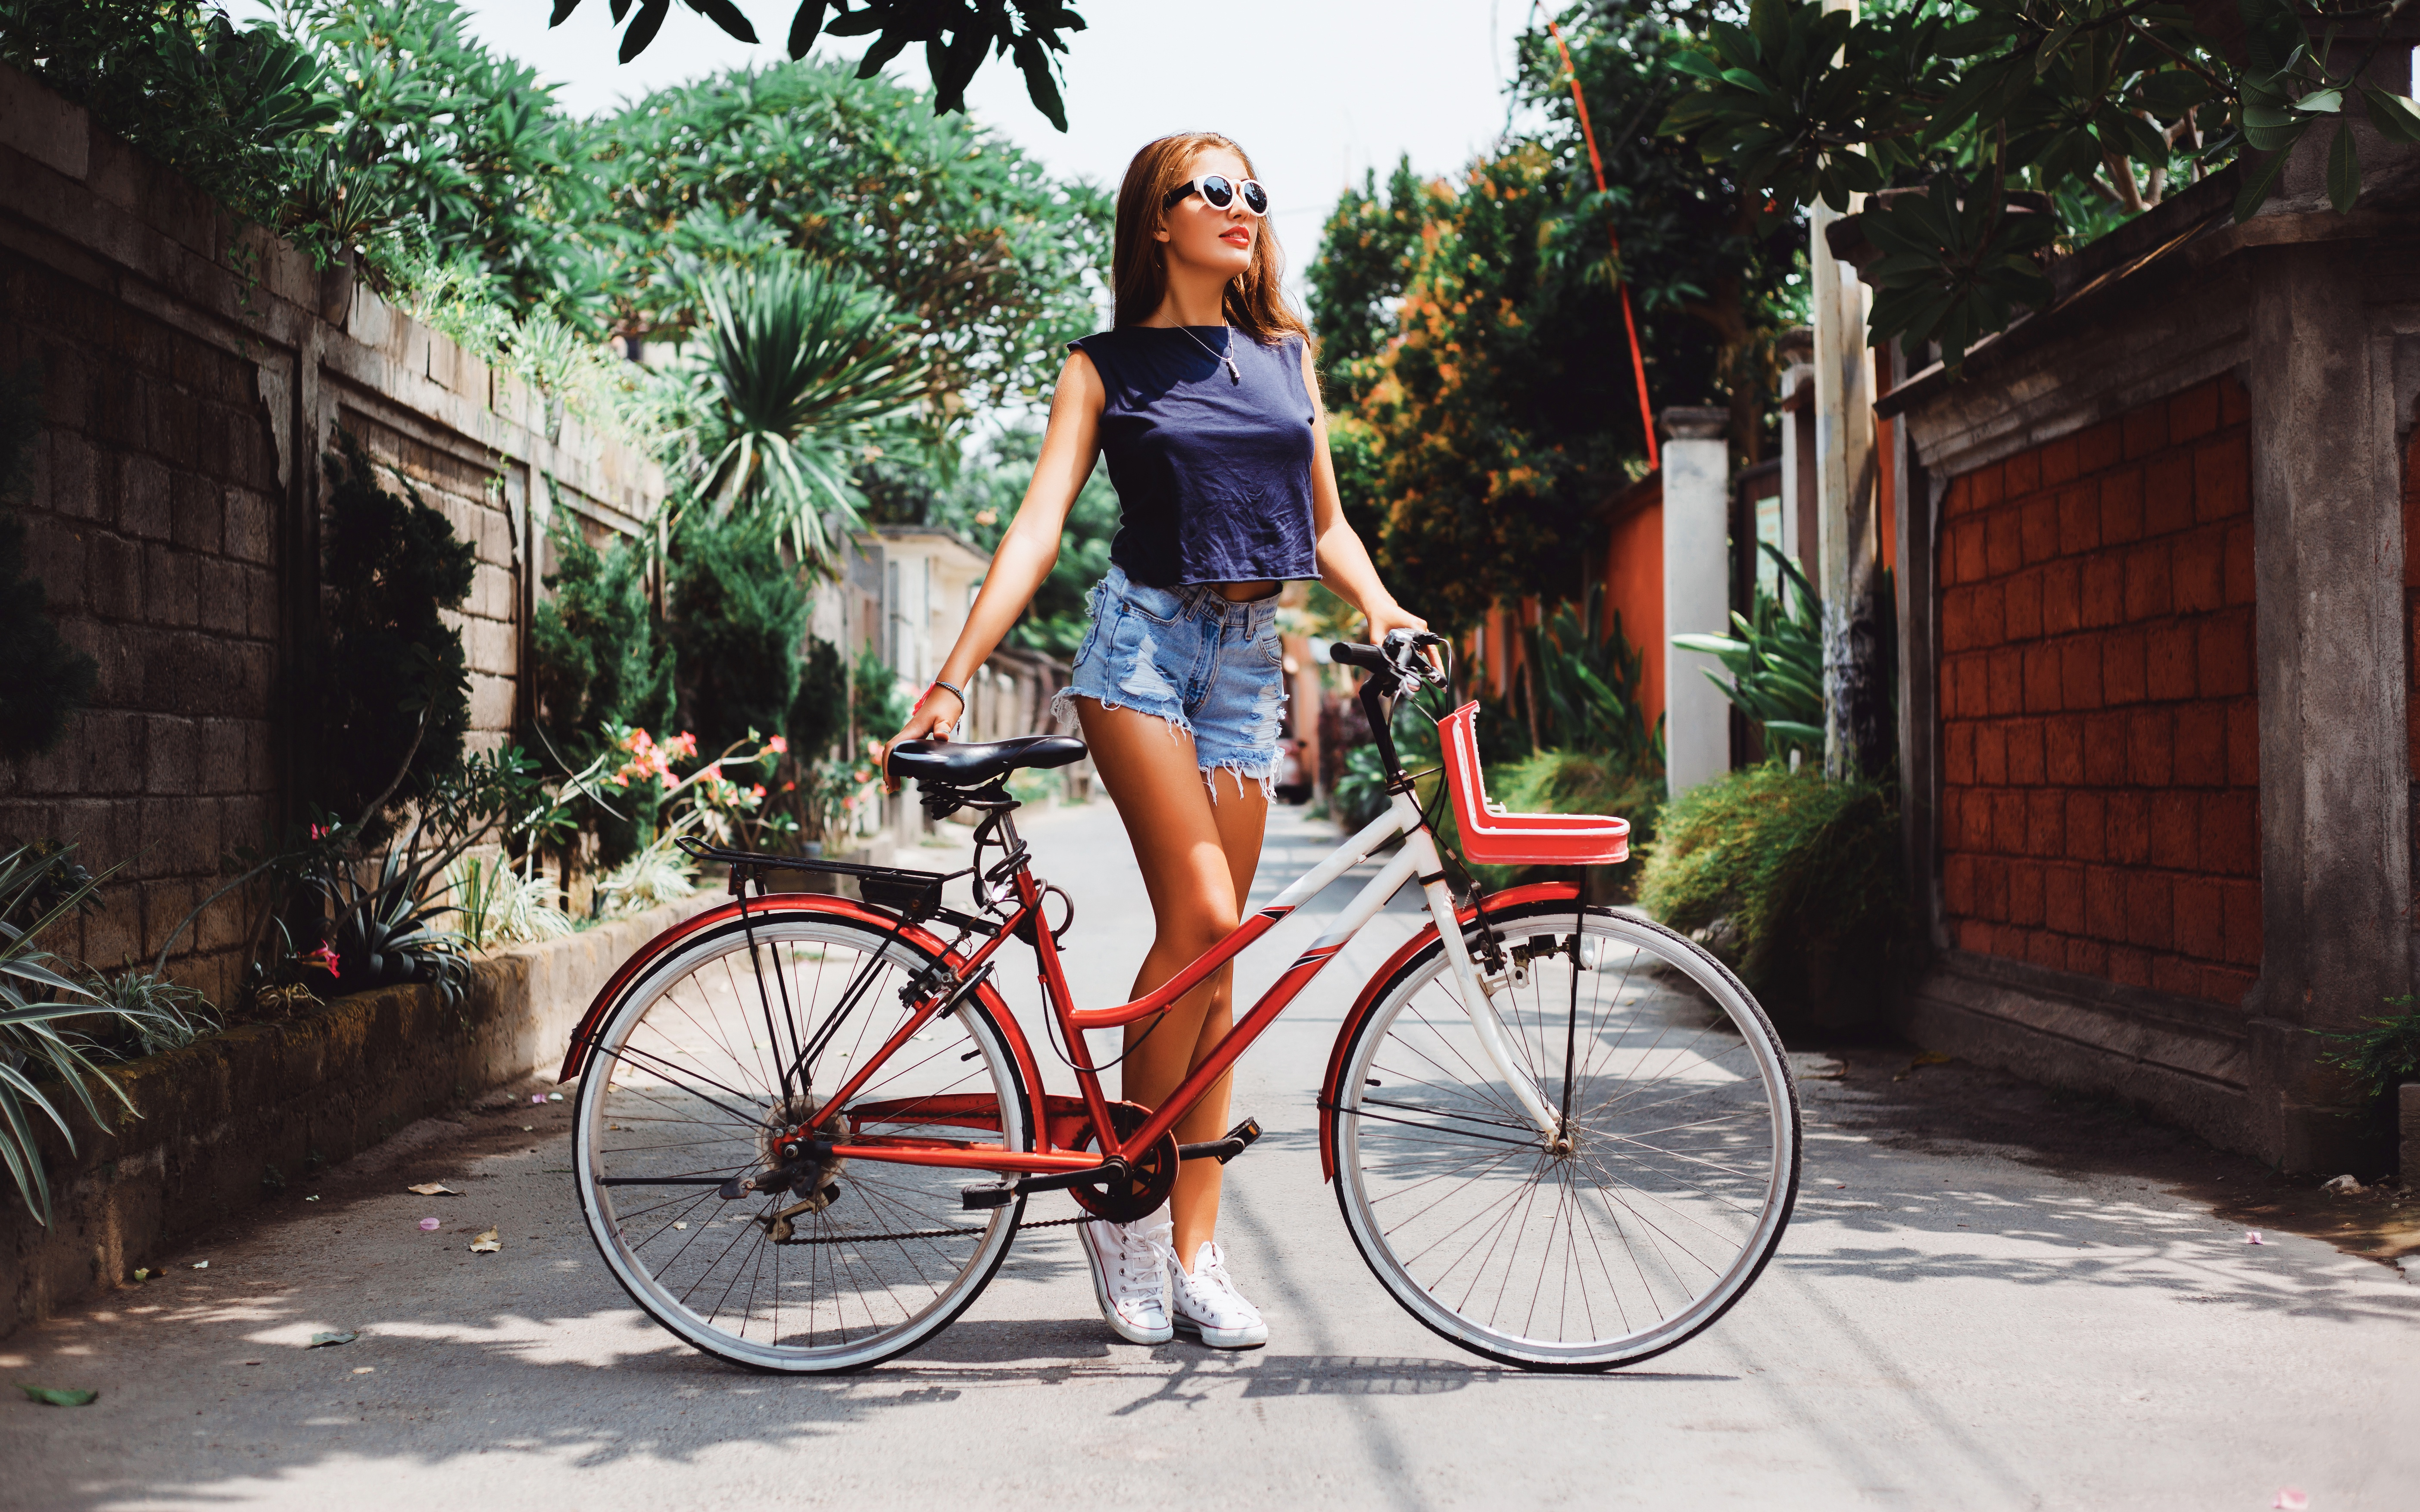 Фото Велосипед молодые женщины шорт Очки велосипеды велосипеде девушка Девушки молодая женщина Шорты очков очках шортах